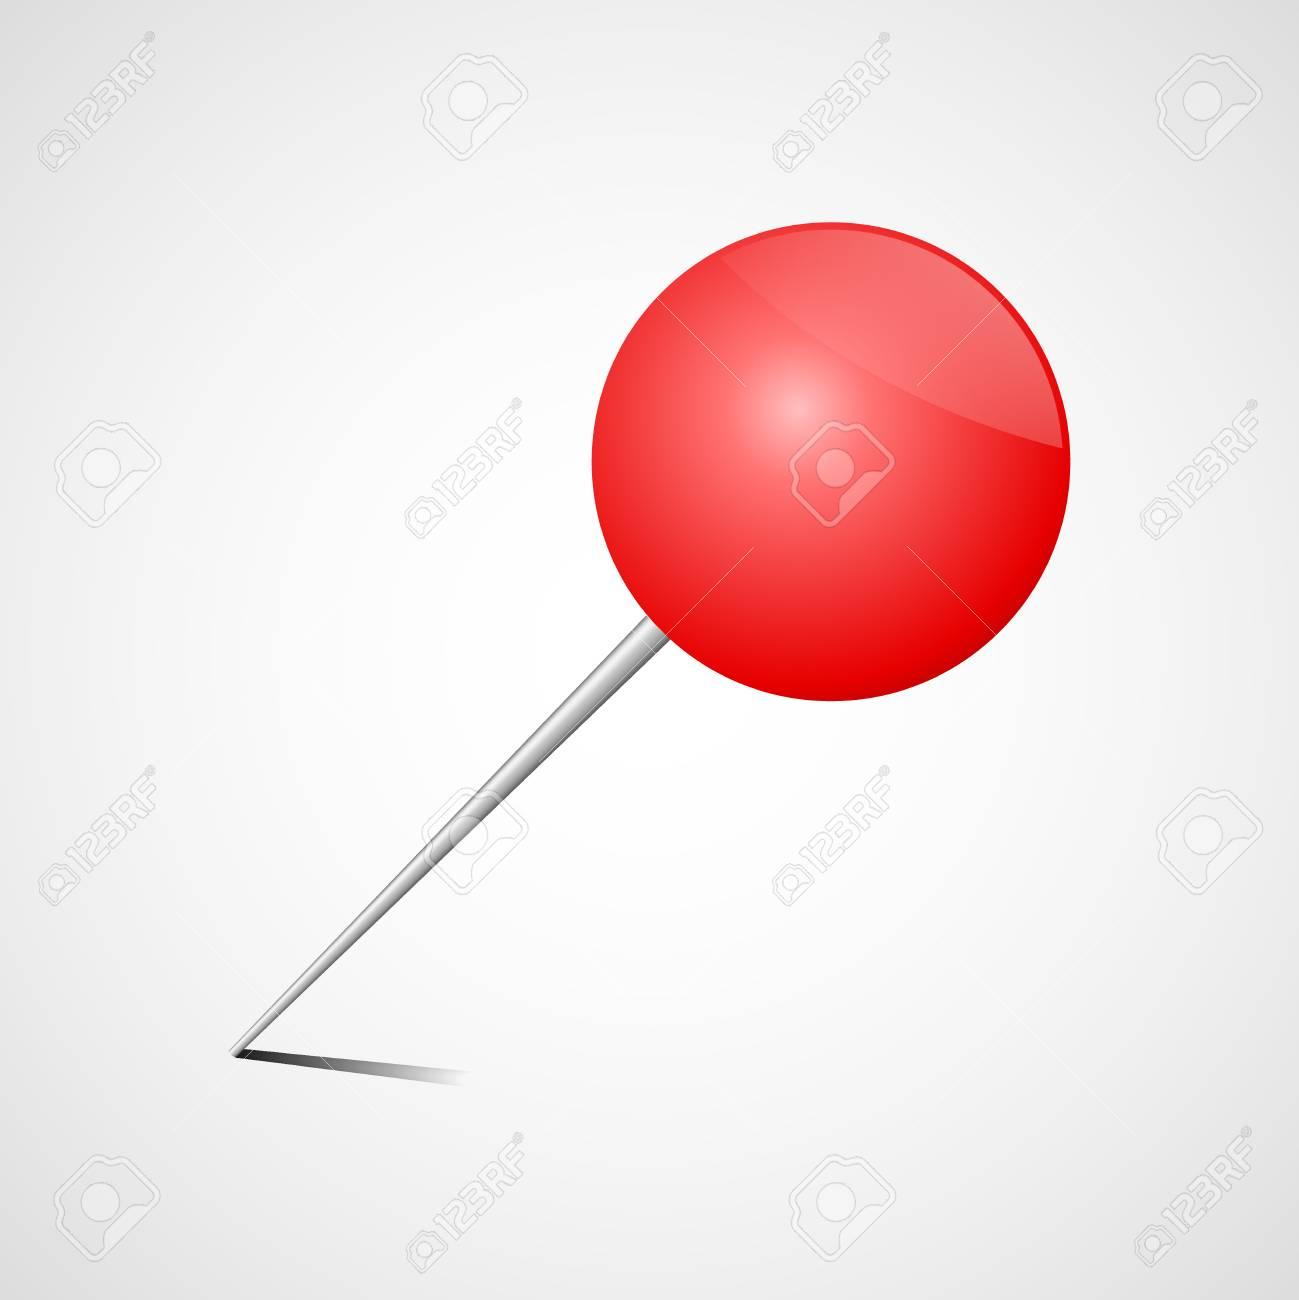 Pin rouge de bureau épingle à dessin réaliste.